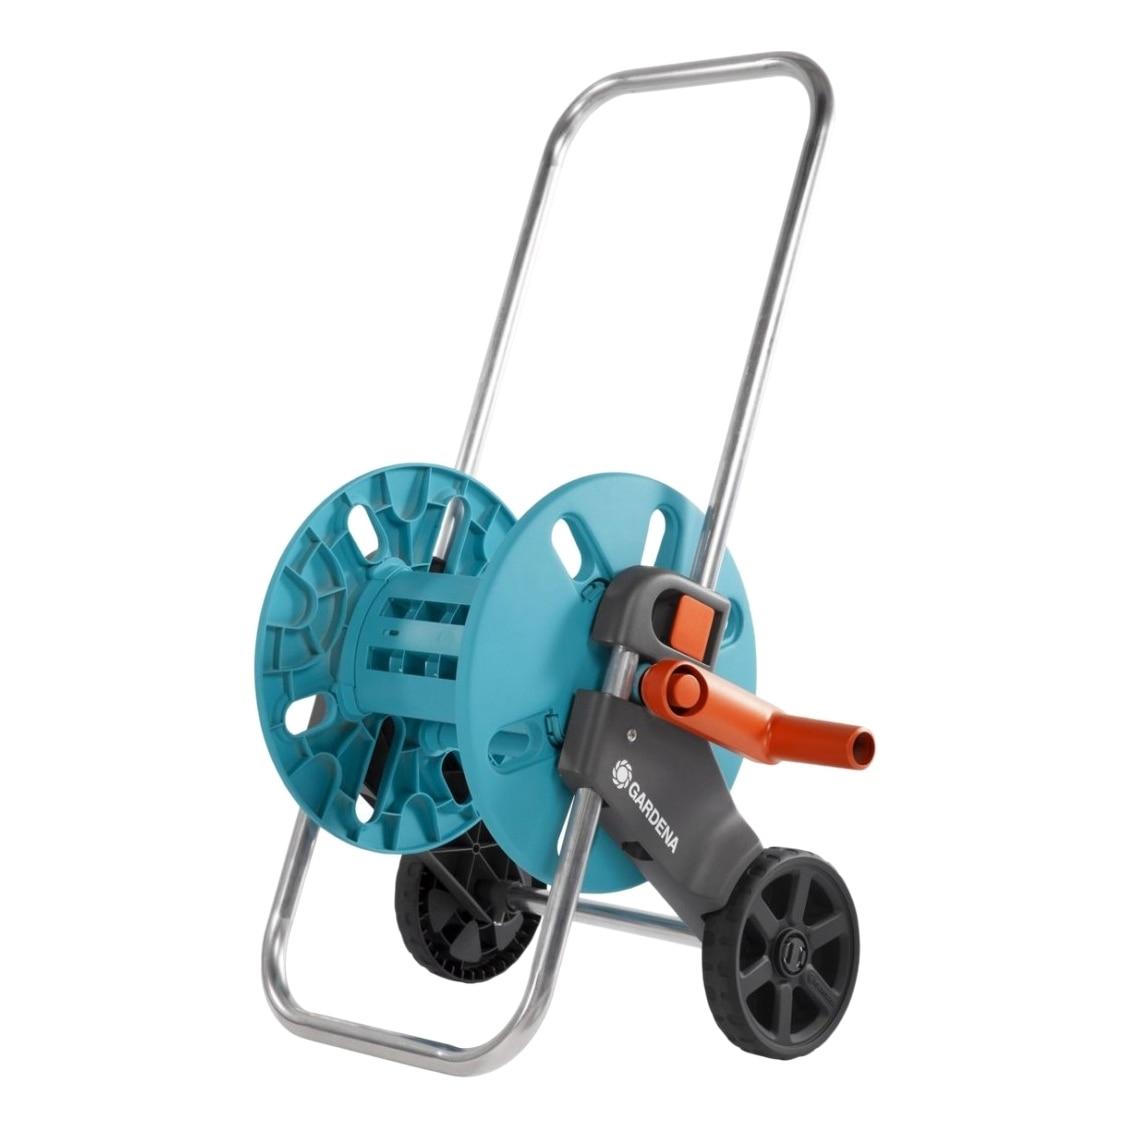 Set поливочный GARDENA 18502-50.000.00 (Hose 20 m, tip for watering, подсоединение hose obliquely) стоимость